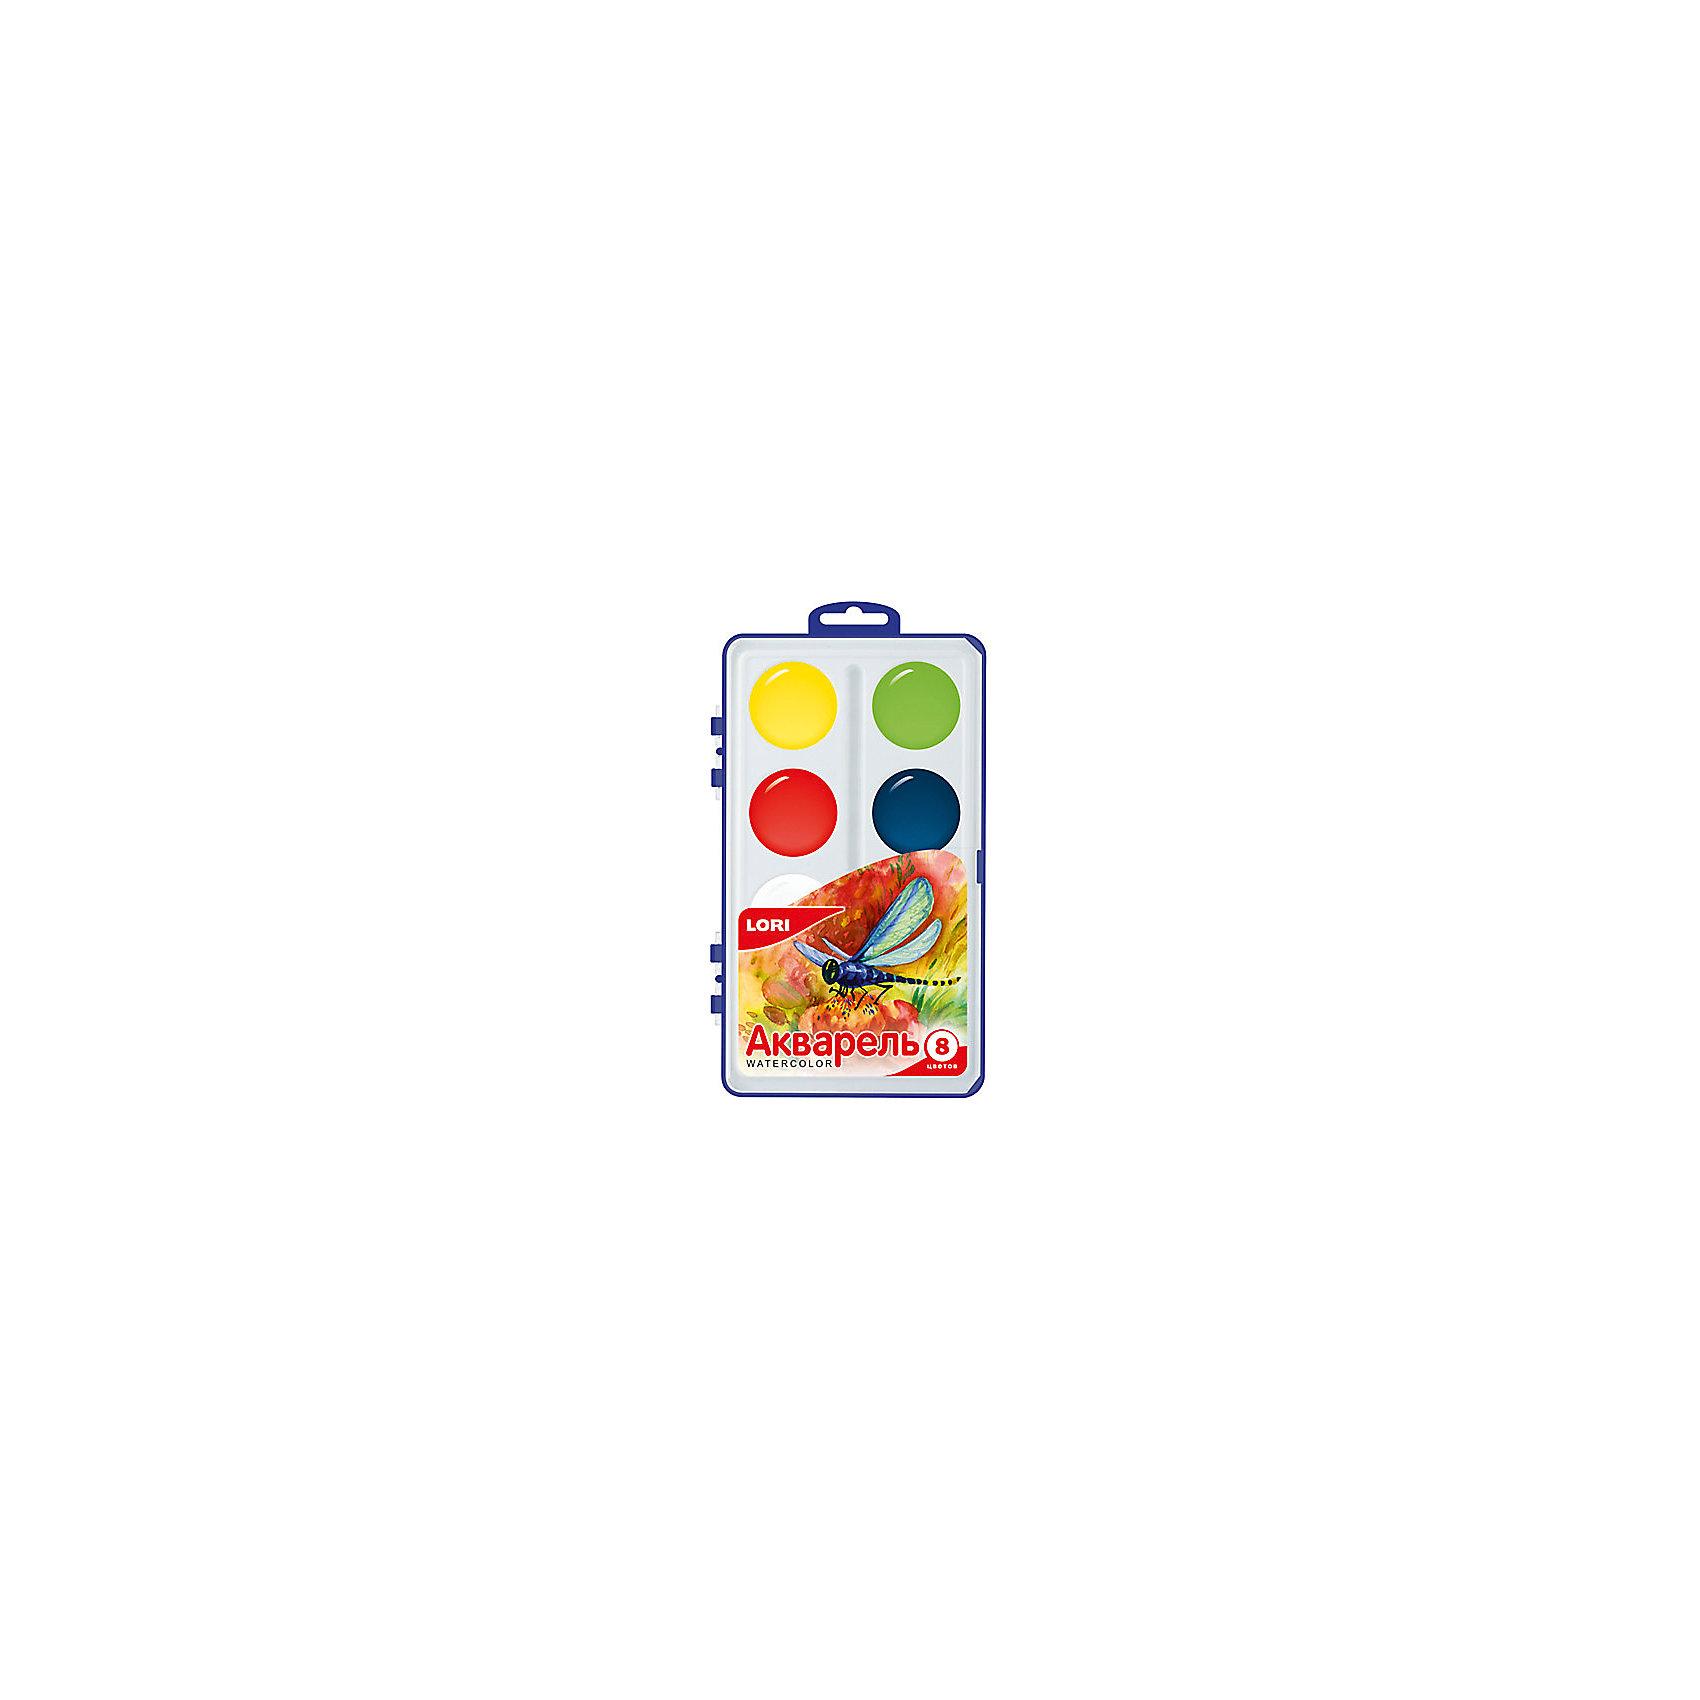 Краски акварельные, 8 цв.Краски акварельные, 8 цв. - этот качественный набор для детского творчества идеален для начинающих художников.<br>Акварельные краски хорошо подойдут как для школьных занятий, так и для детского творчества в свободное время. В наборе 8 акварельных красок в кюветах увеличенного размера. Они удобны для использования маленькими детьми с еще слабо развитой моторикой рук. Краски равномерно ложатся на бумагу, легко размываются, легко смешиваются между собой, быстро сохнут, а насыщенные тона передают всю яркость цвета. Рисование - один из самых главных методов развития творческих способностей у детей. Оно отлично развивает память, внимание, мелкую моторику, творческие и художественные способности.<br><br>Дополнительная информация:<br><br>- Количество цветов: 8<br>- Размер кювет: 37 х 7 мм.<br>- Без кисточки<br>- Упаковка: пластиковый бокс с подвесом<br>- Размер упаковки: 20,5 х 12,2 х 1,9 см.<br>- Вес: 136 гр.<br><br>Краски акварельные, 8 цв. можно купить в нашем интернет-магазине.<br><br>Ширина мм: 205<br>Глубина мм: 122<br>Высота мм: 19<br>Вес г: 136<br>Возраст от месяцев: 36<br>Возраст до месяцев: 144<br>Пол: Унисекс<br>Возраст: Детский<br>SKU: 4249885